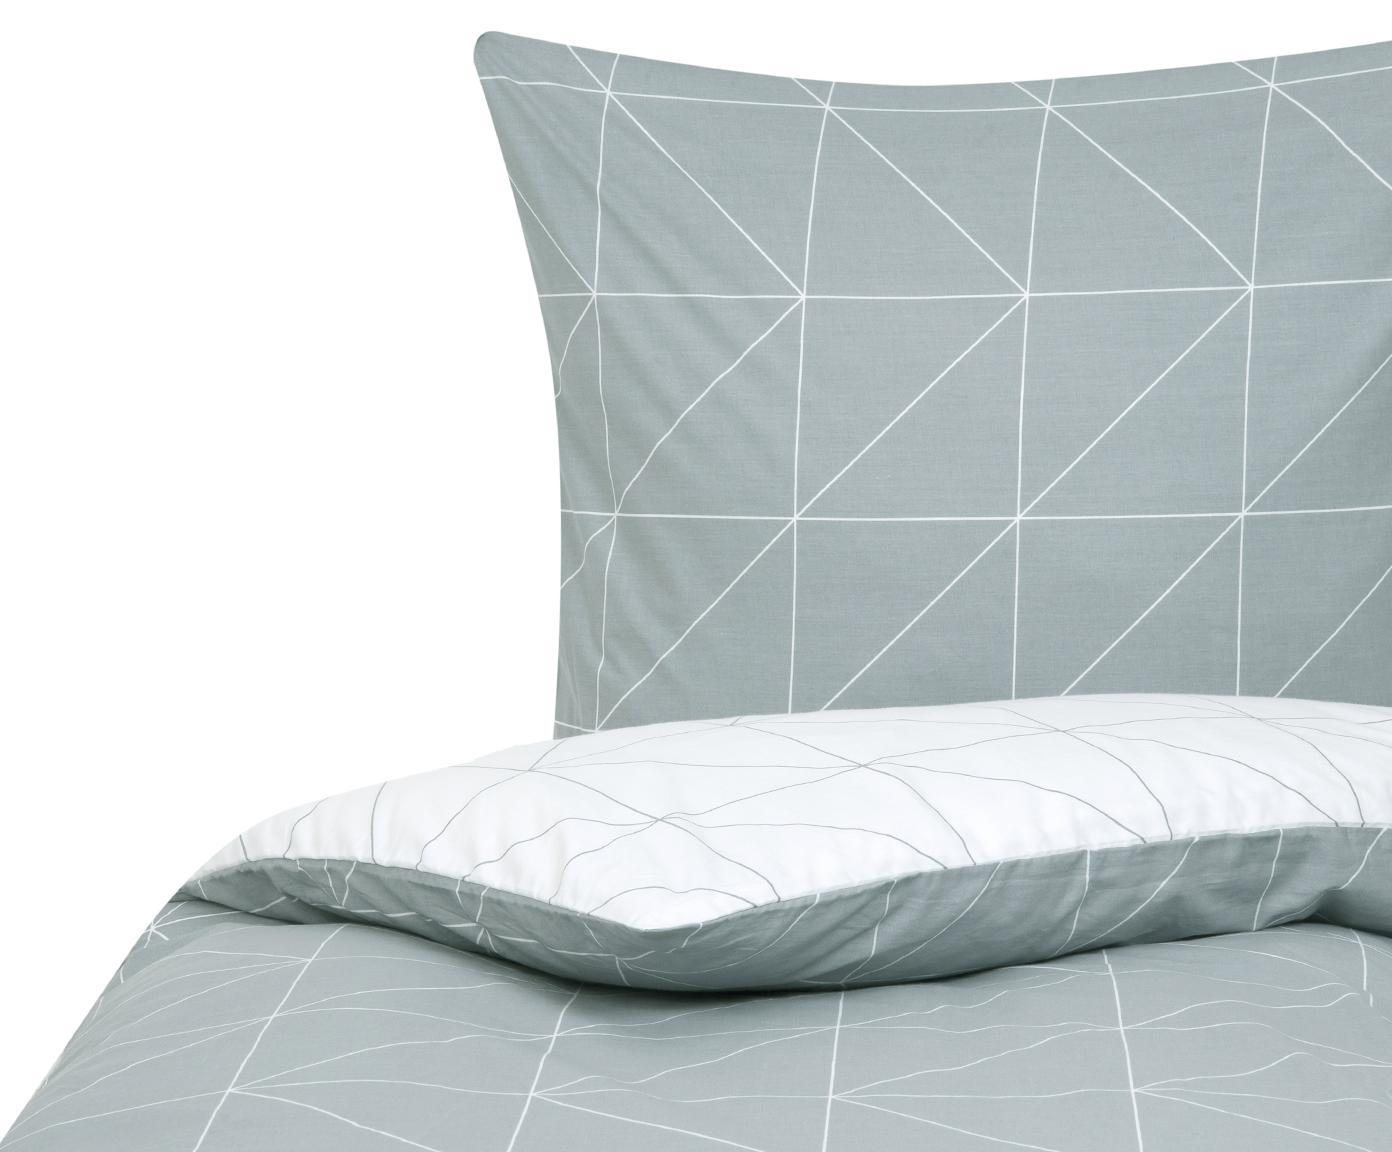 Parure copripiumino reversibile in cotone ranforce Marla, Tessuto: Renforcé, Grigio, bianco, 155 x 200 cm